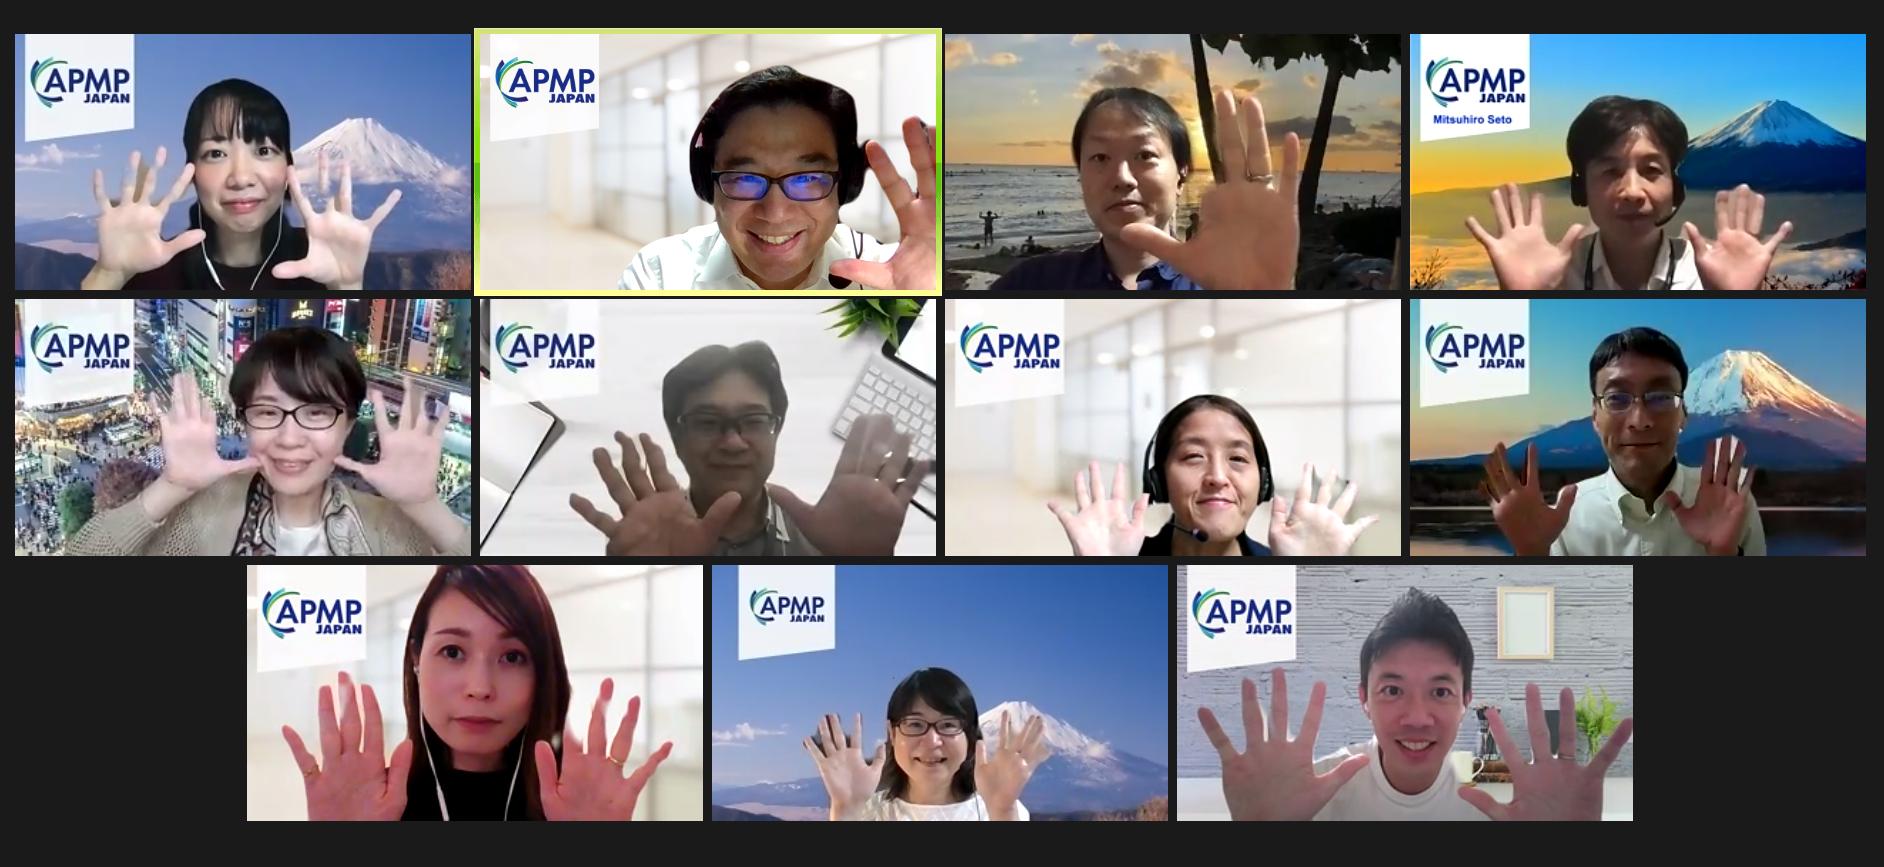 第9回 APMP Japan 会員 MeetUp「みんなで高め合う提案スキル」開催報告